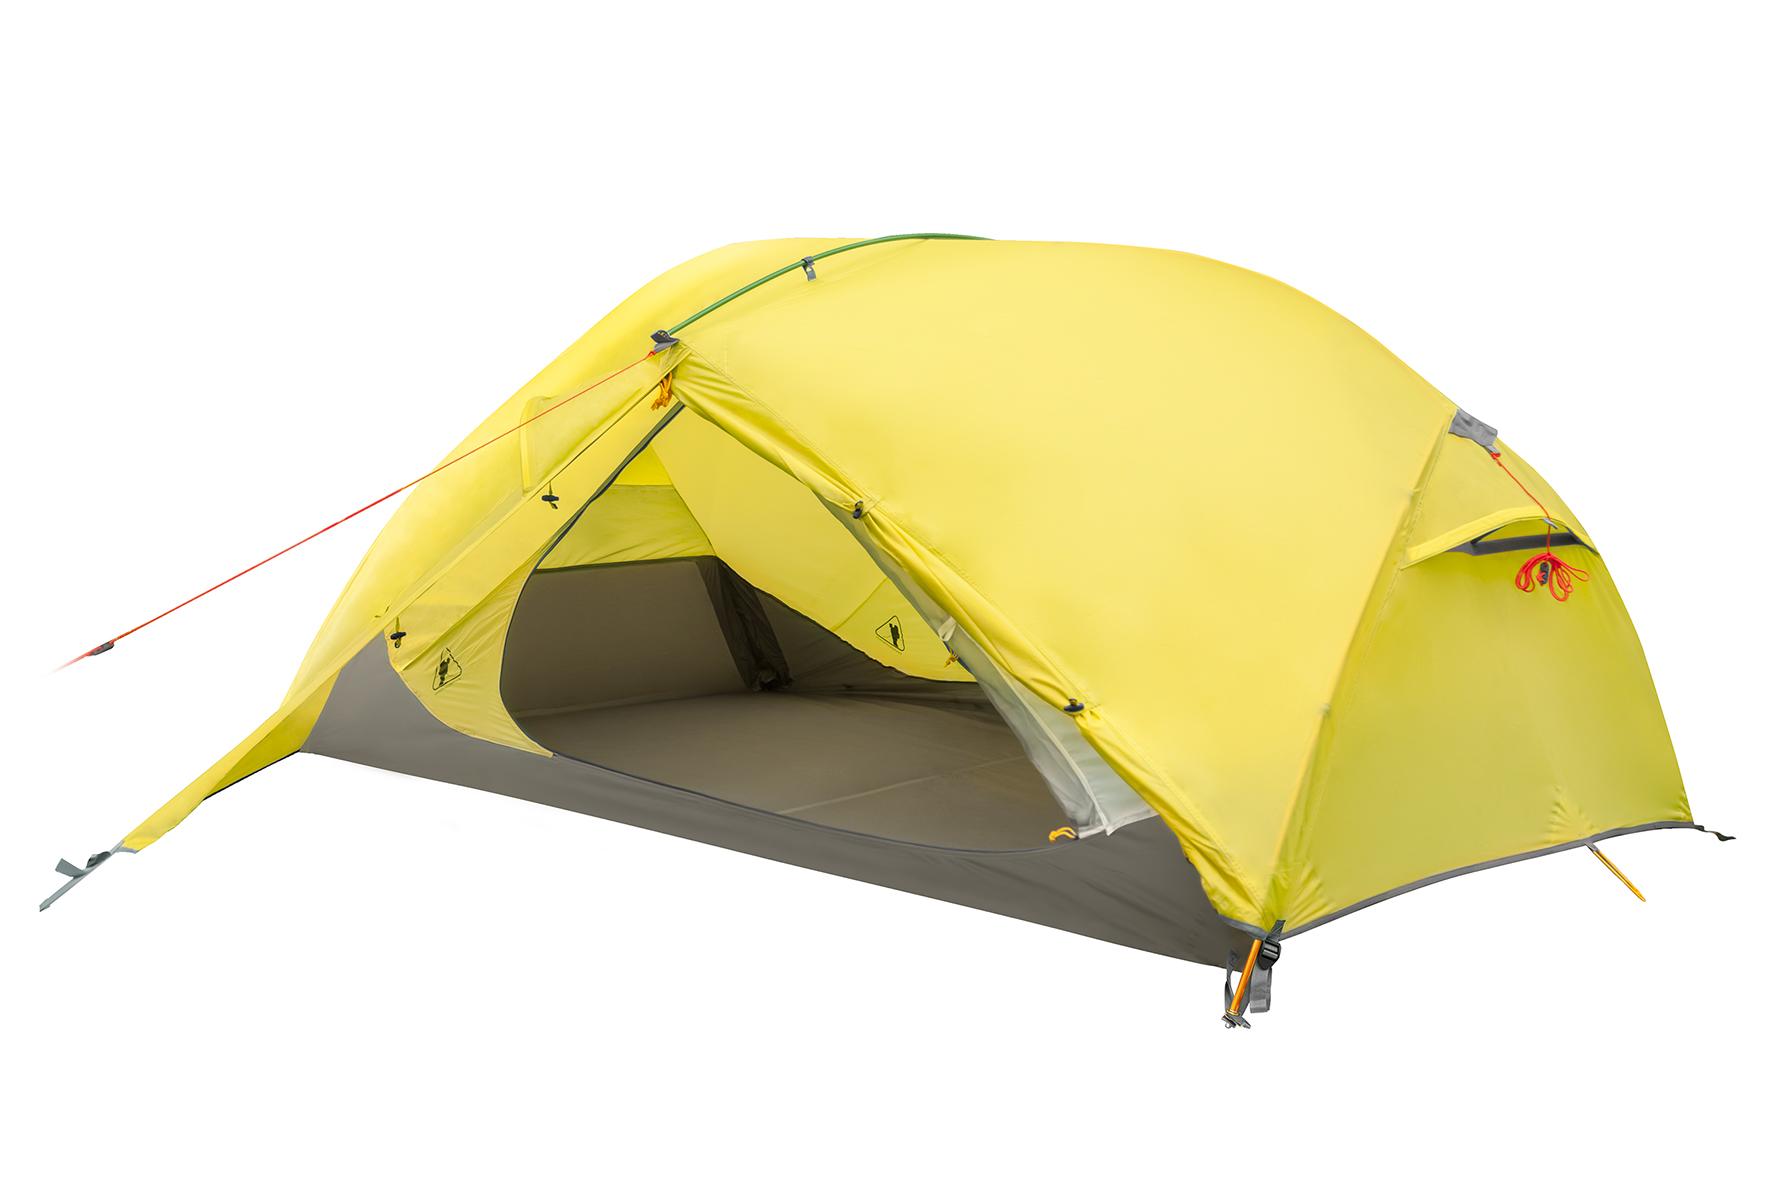 Палатка BASK PINNATE 2 1460Трёхсезонная палатка. Предназначена для прохождения маршрутов&amp;nbsp; в зонах умеренного климата.<br><br>Вентиляционные окна: 4<br>Вес (в минимальной комплектации): 2.75<br>Вес (в полной комплектации): 2.95<br>Ветрозащитные юбки: Нет<br>Внутренние карманы и петельки для мелочей: Да<br>Водостойкость дна: 6000<br>Водостойкость тента: 4000<br>Диаметр стоек каркаса: 9,5<br>Количество входов: 2<br>Количество мест: 2<br>Количество оттяжек: 4<br>Количество стоек каркаса: 1<br>Материал внешнего тента: 40D Nylon RipStop 240T SI/PU 4 000 мм, W/R<br>Материал внутренней палатки: 40D Nylon Ripstop 240T BR, W/R<br>Материал дна: 70D Nylon Taffeta 210T PU 6000 мм, W/R<br>Материал каркаса: диаметр 9.5 мм, DAC AL7001-T6<br>Назначение: экстремальная<br>Обработка ткани палатки: Водоотталкивающая пропитка (W/R), дышащая<br>Обработка ткани тента: PU (внутренняя поверхность покрыта полиуретаном)<br>Подвесная полка: Да<br>Проклейка швов: Да<br>Противо москитная сетка: Да<br>Размер в упакованом виде: 43х19<br>Способ установки: сначала устанавливается внутренняя палатка, затем накидывается тент<br>Тип входа: на молнии<br>Цвет: ЗЕЛЕНЫЙ